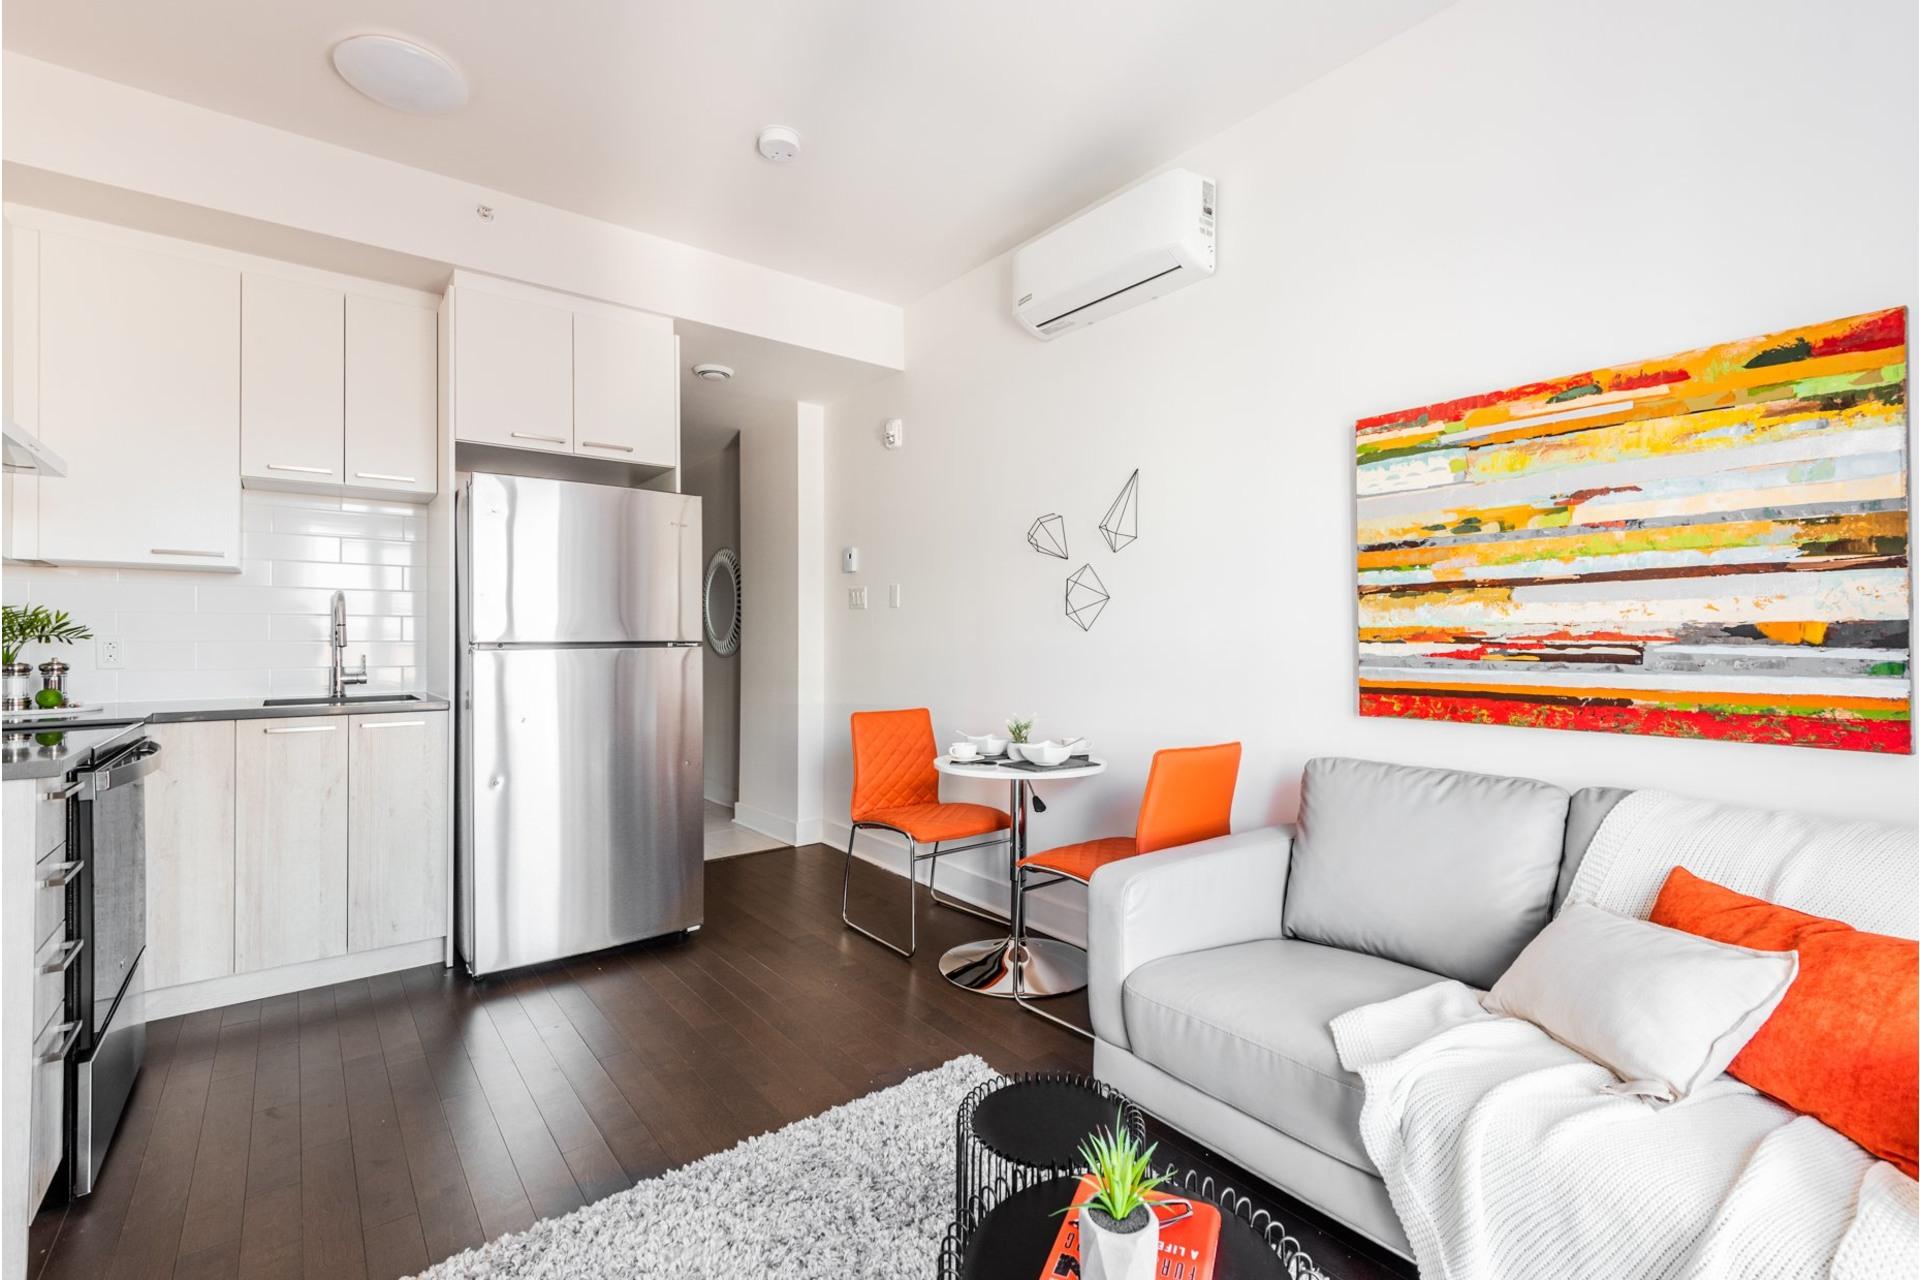 image 6 - Appartement À vendre Villeray/Saint-Michel/Parc-Extension Montréal  - 3 pièces